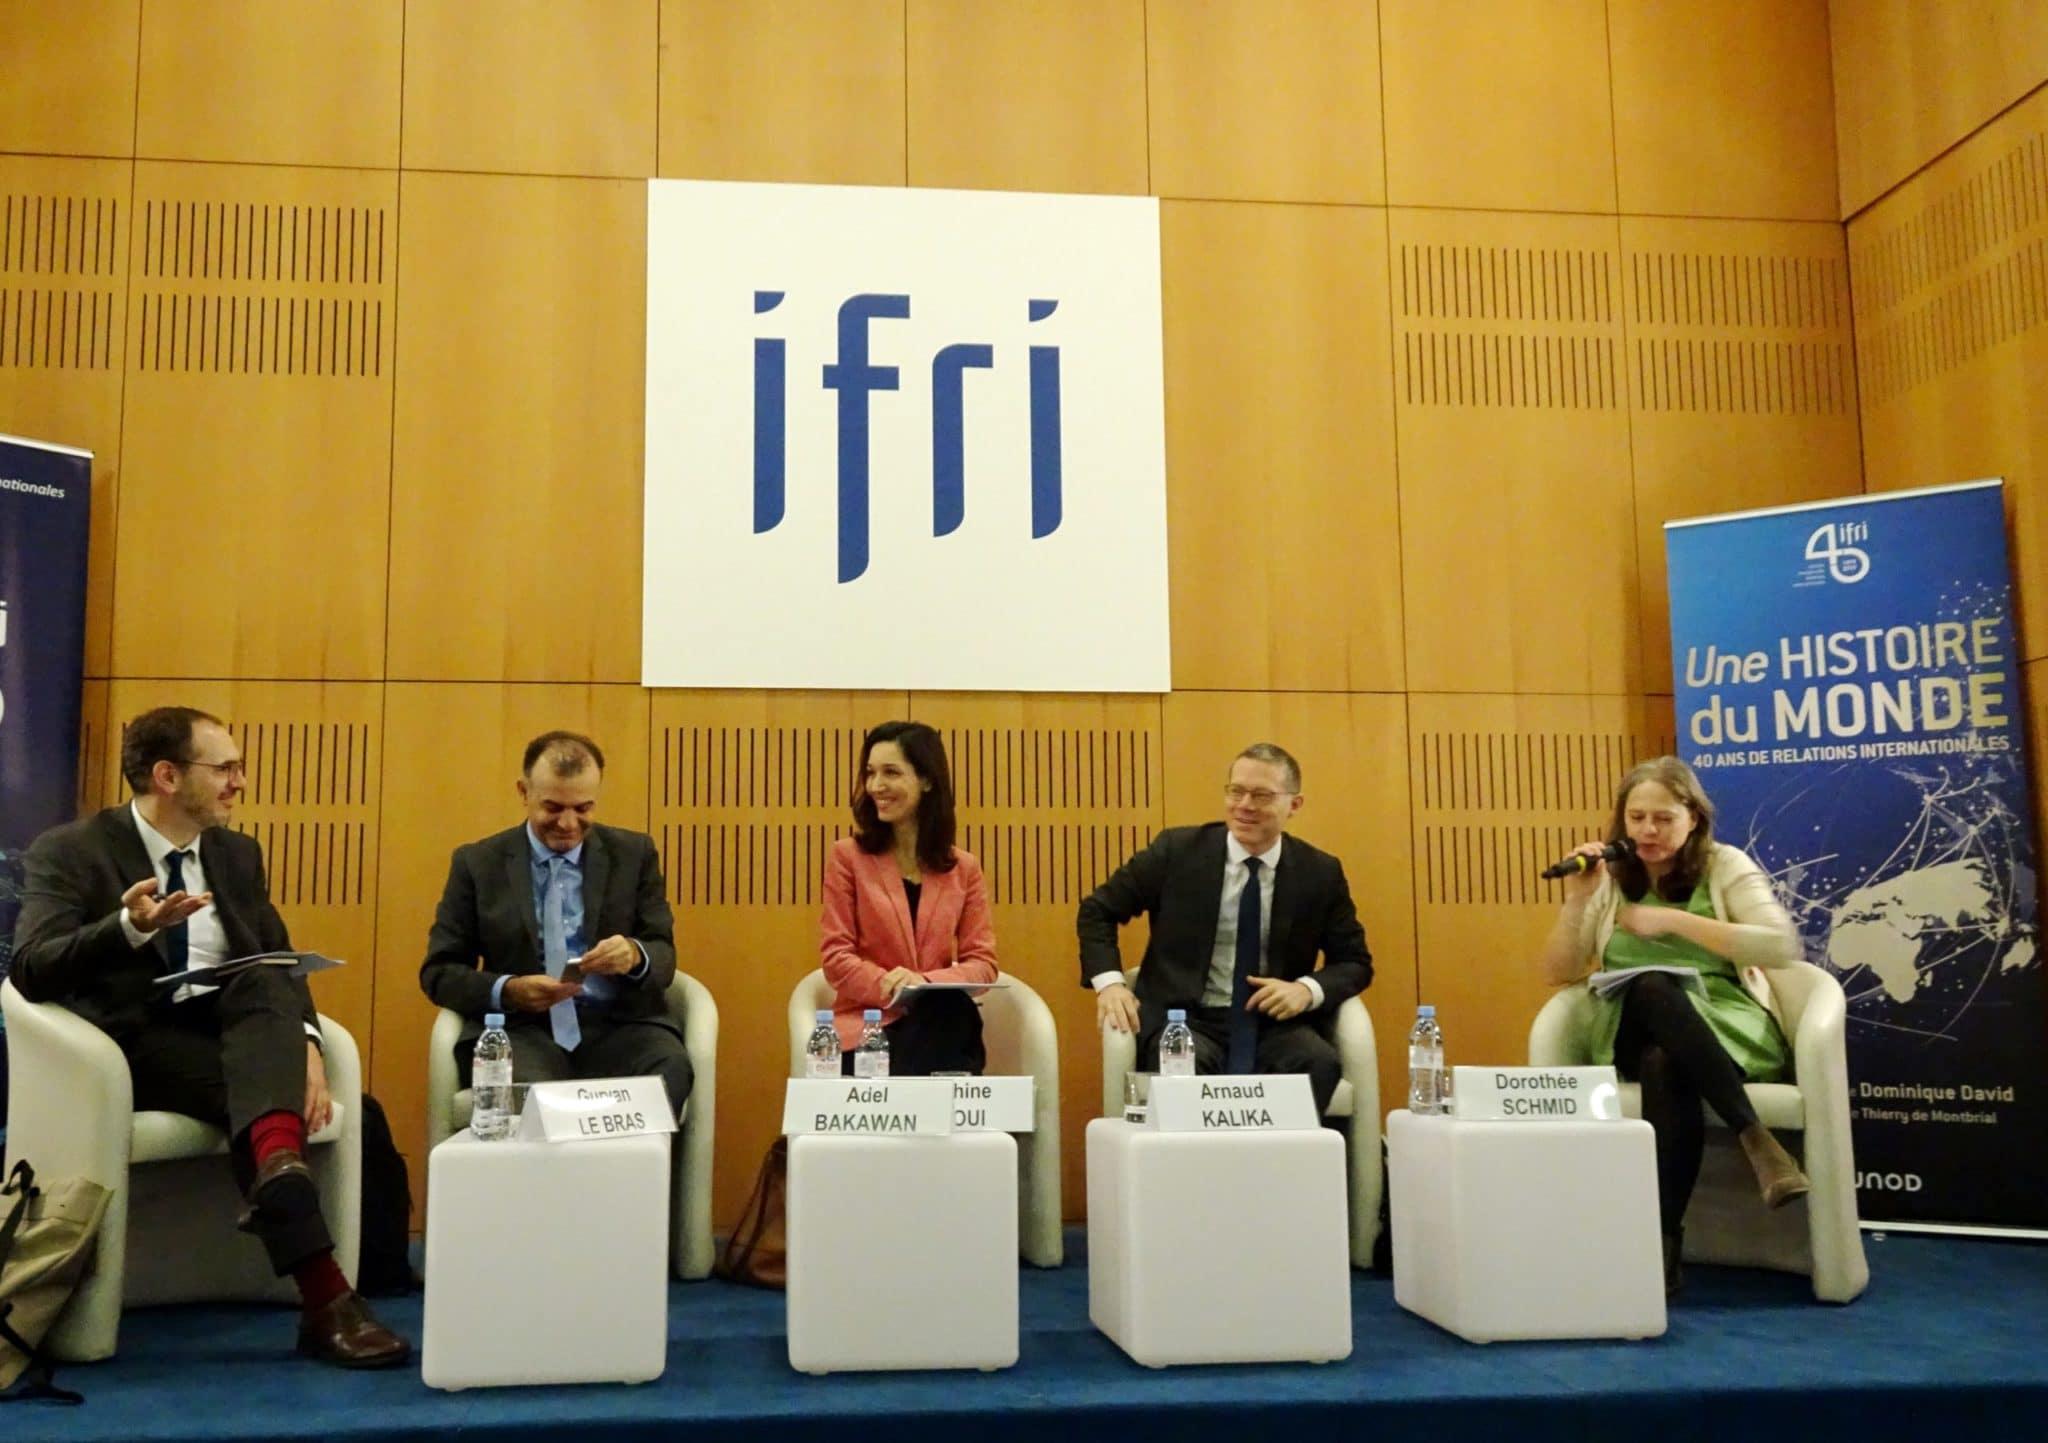 Moyen-Orient / Export : la France, victime du conflit Iran-Etats-Unis, lors de laconférence Ifri Perspectives 2020 Afrique du Nord et Moyen-Orient